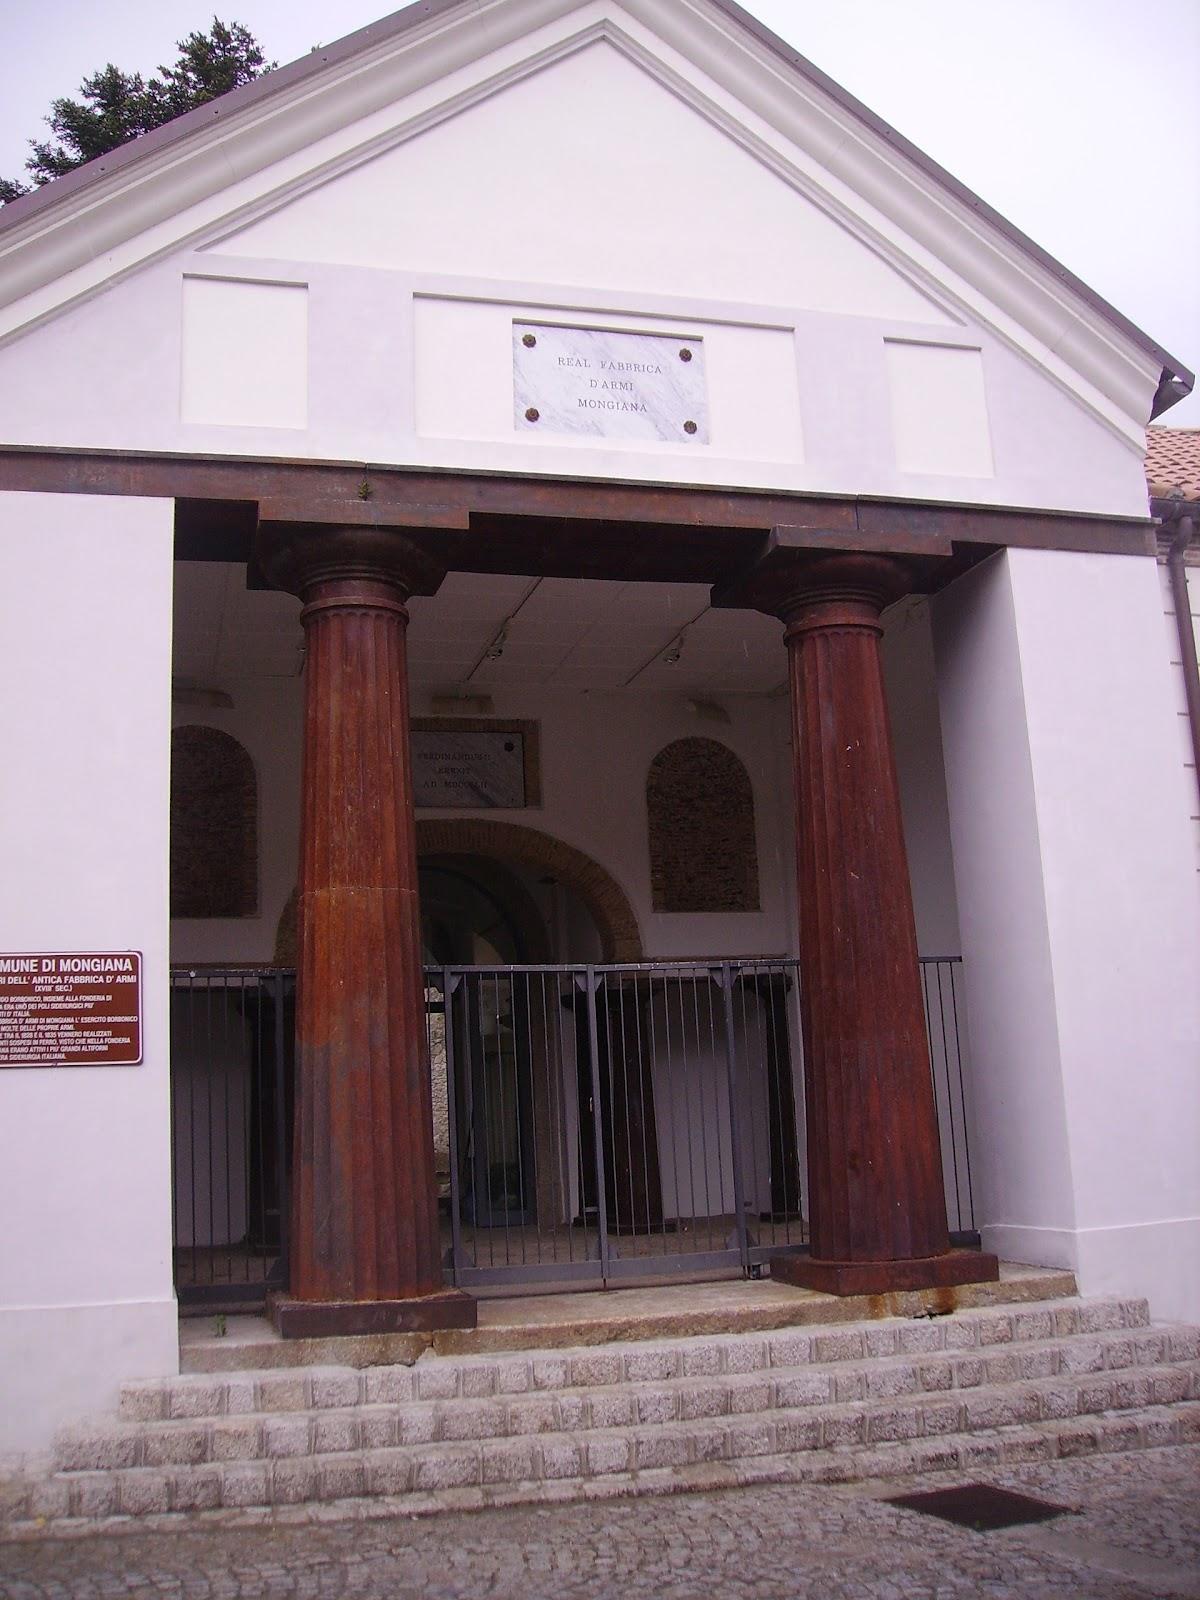 IMGP0171. L'ingresso della reale armeria di Mongiana